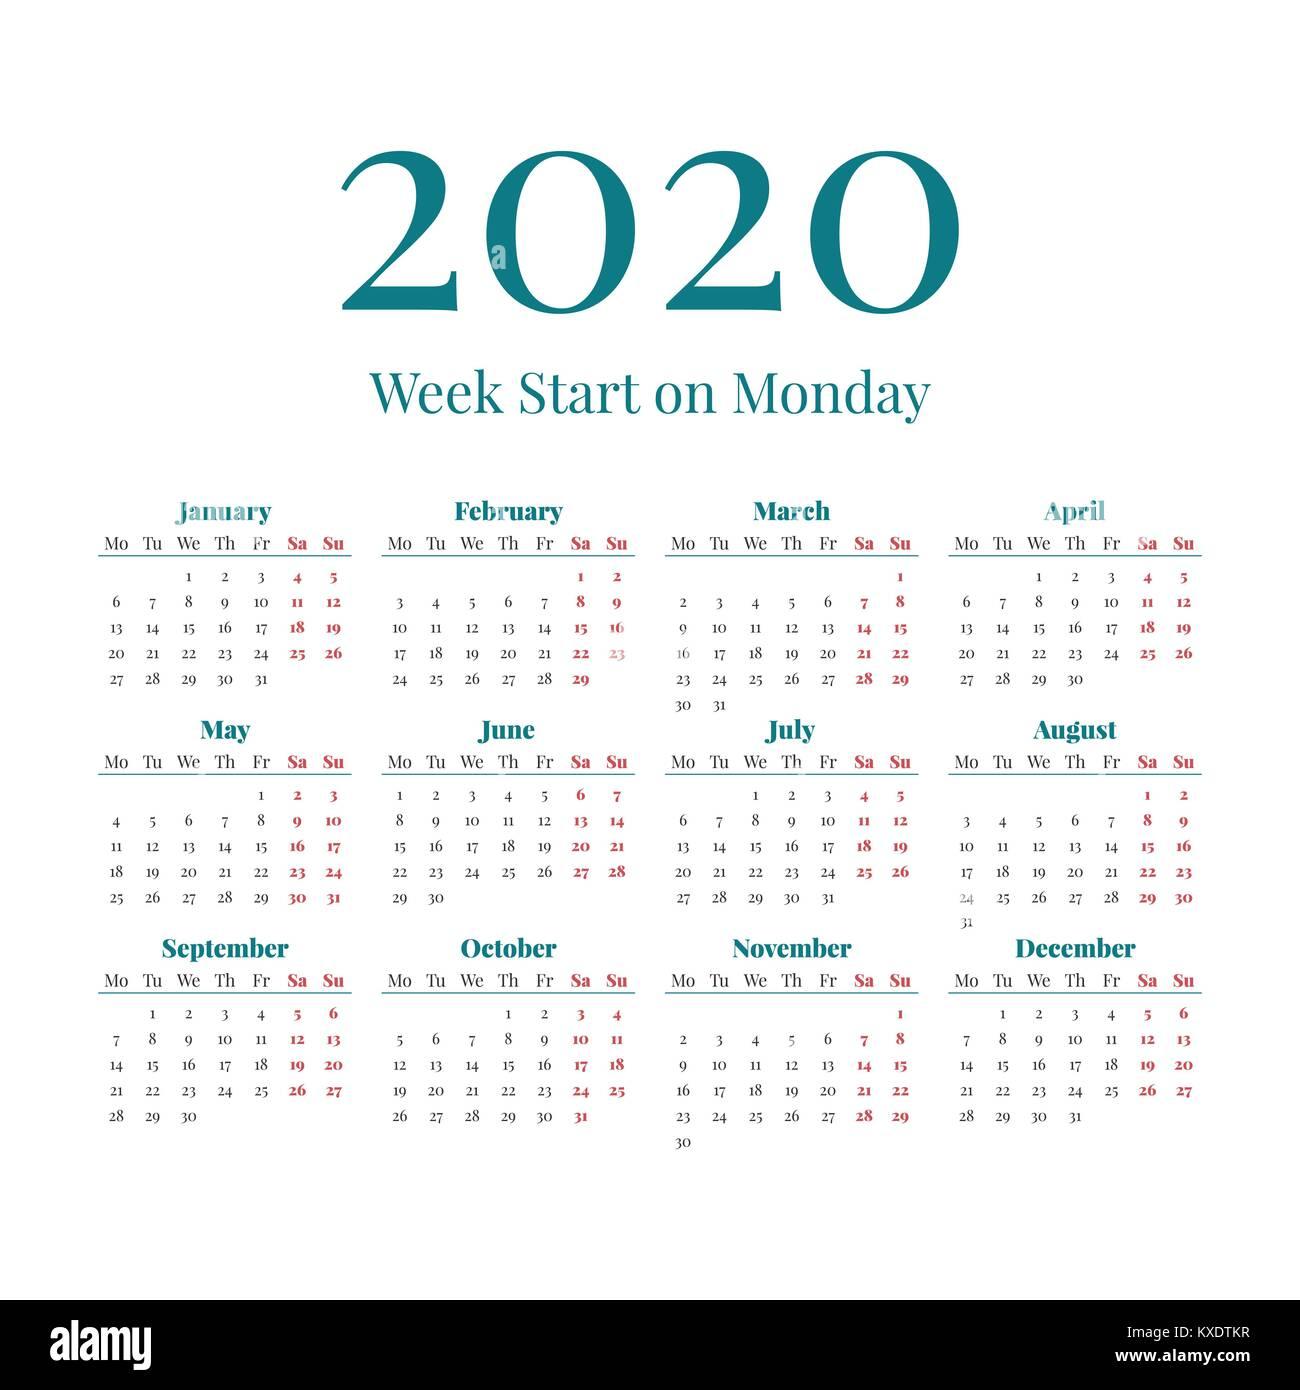 Ano 2020 Calendario.Simple 2020 Year Calendar Stock Vector Art Illustration